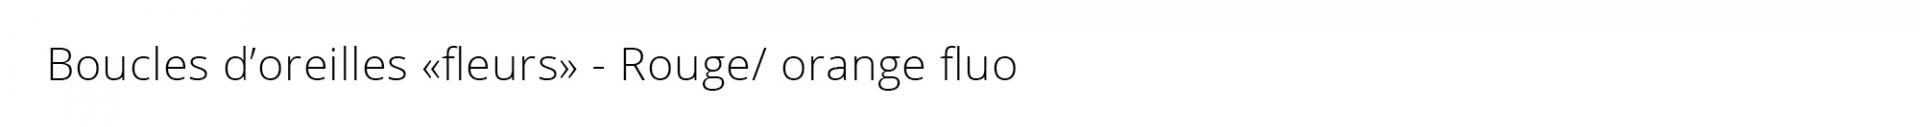 Titre bo fleurs fluo